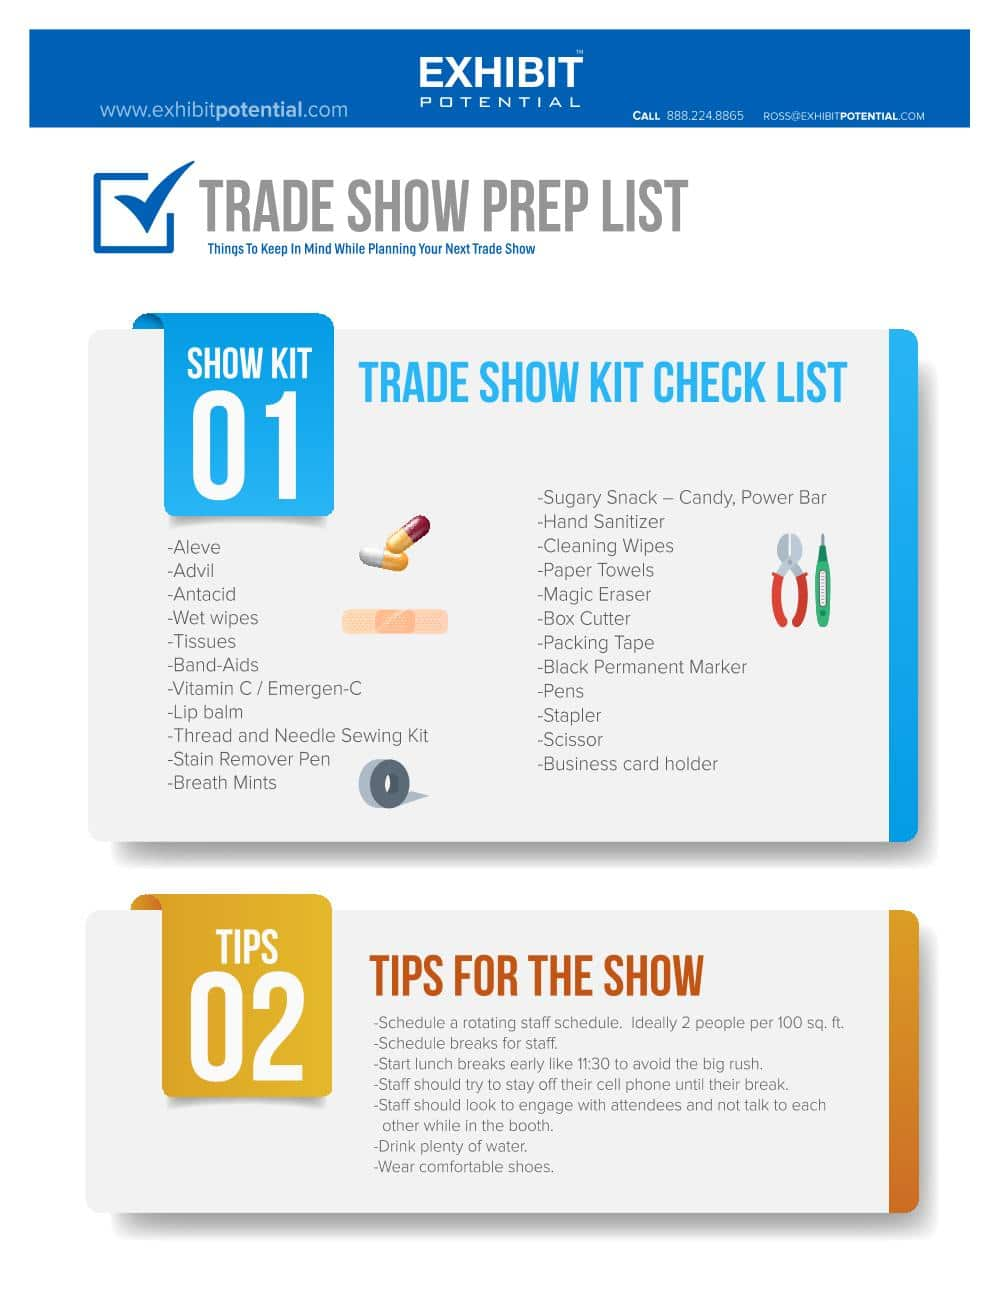 Trade Show Prep List